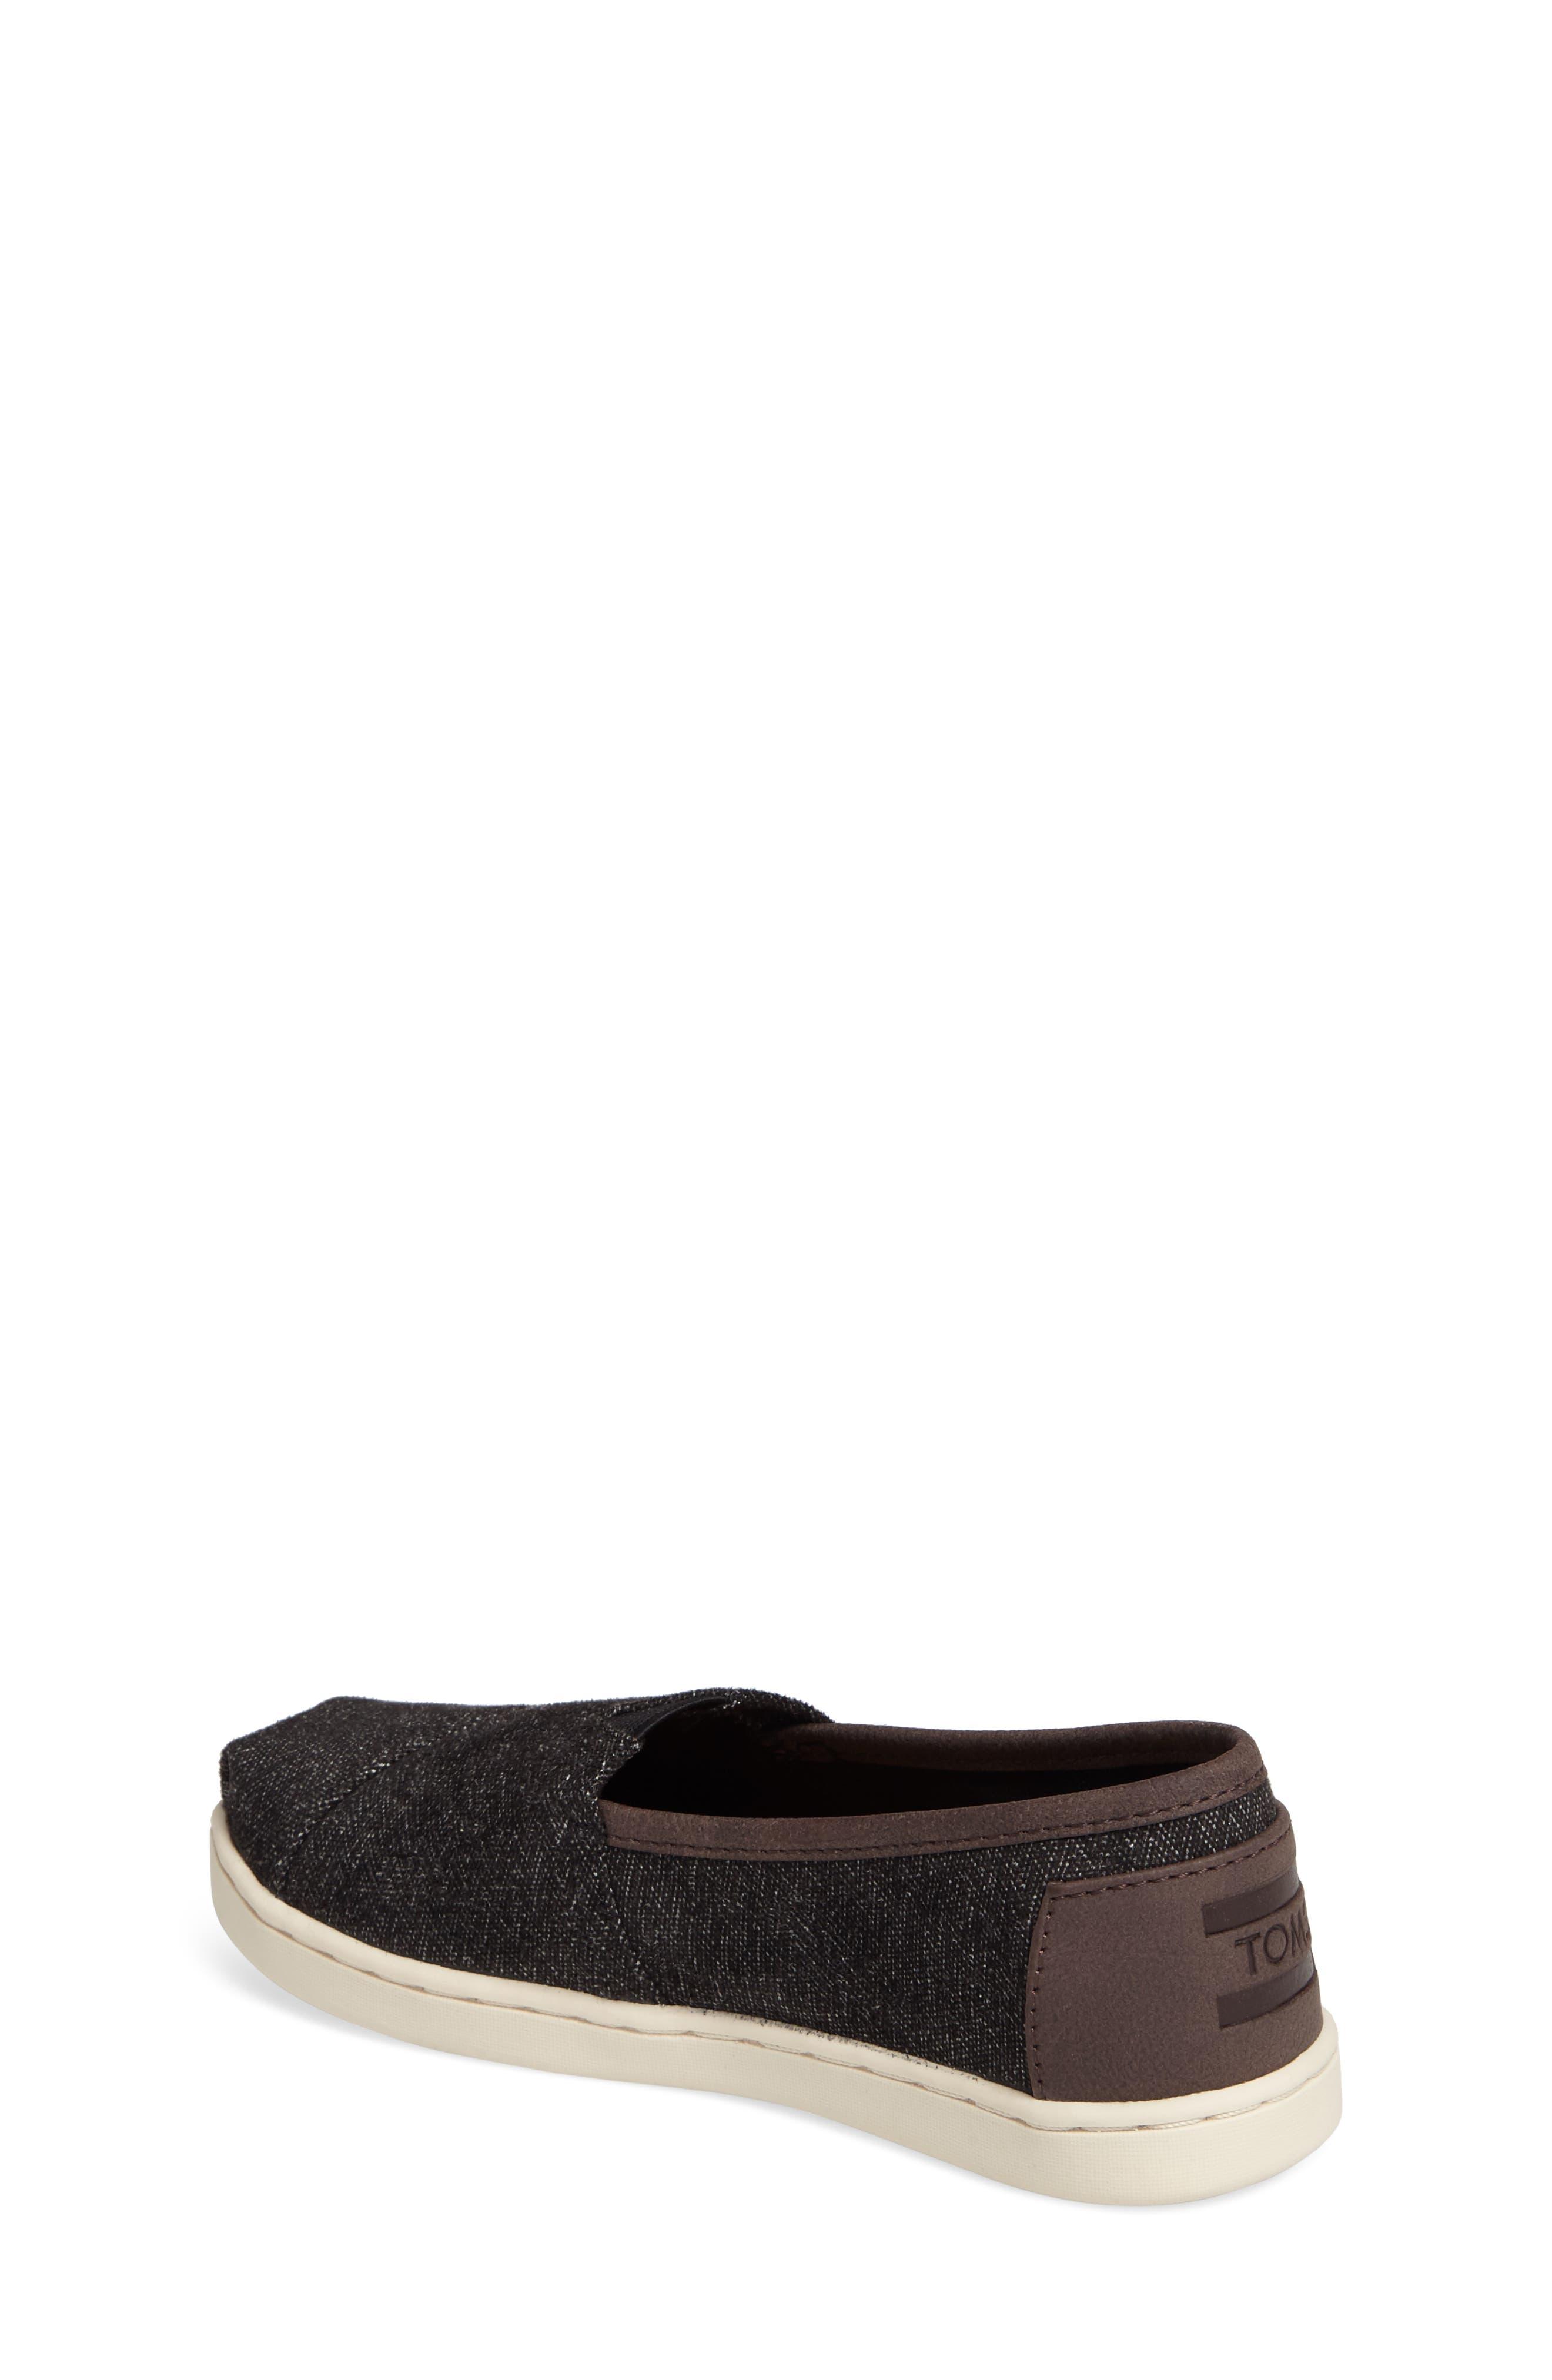 Herringbone Slip-On Sneaker,                             Alternate thumbnail 2, color,                             021